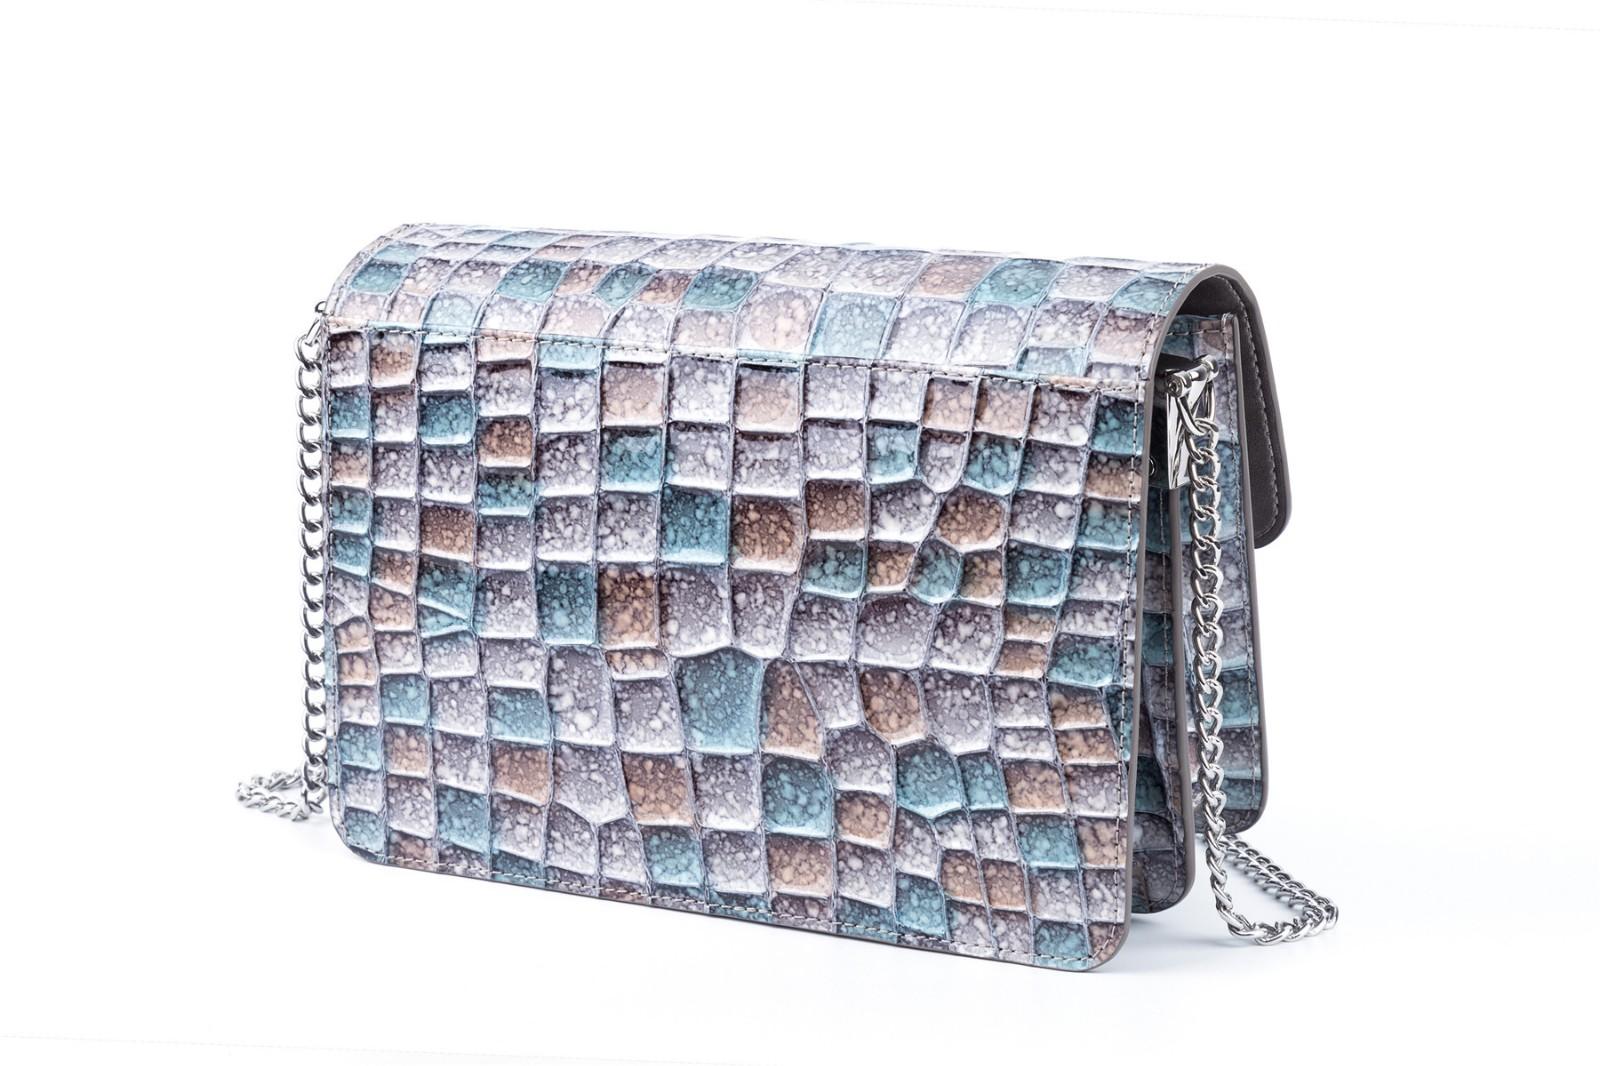 GF bags-Custom Cheap Shoulder Bags Manufacturer, Simple Shoulder Bag | Gf Bags-11